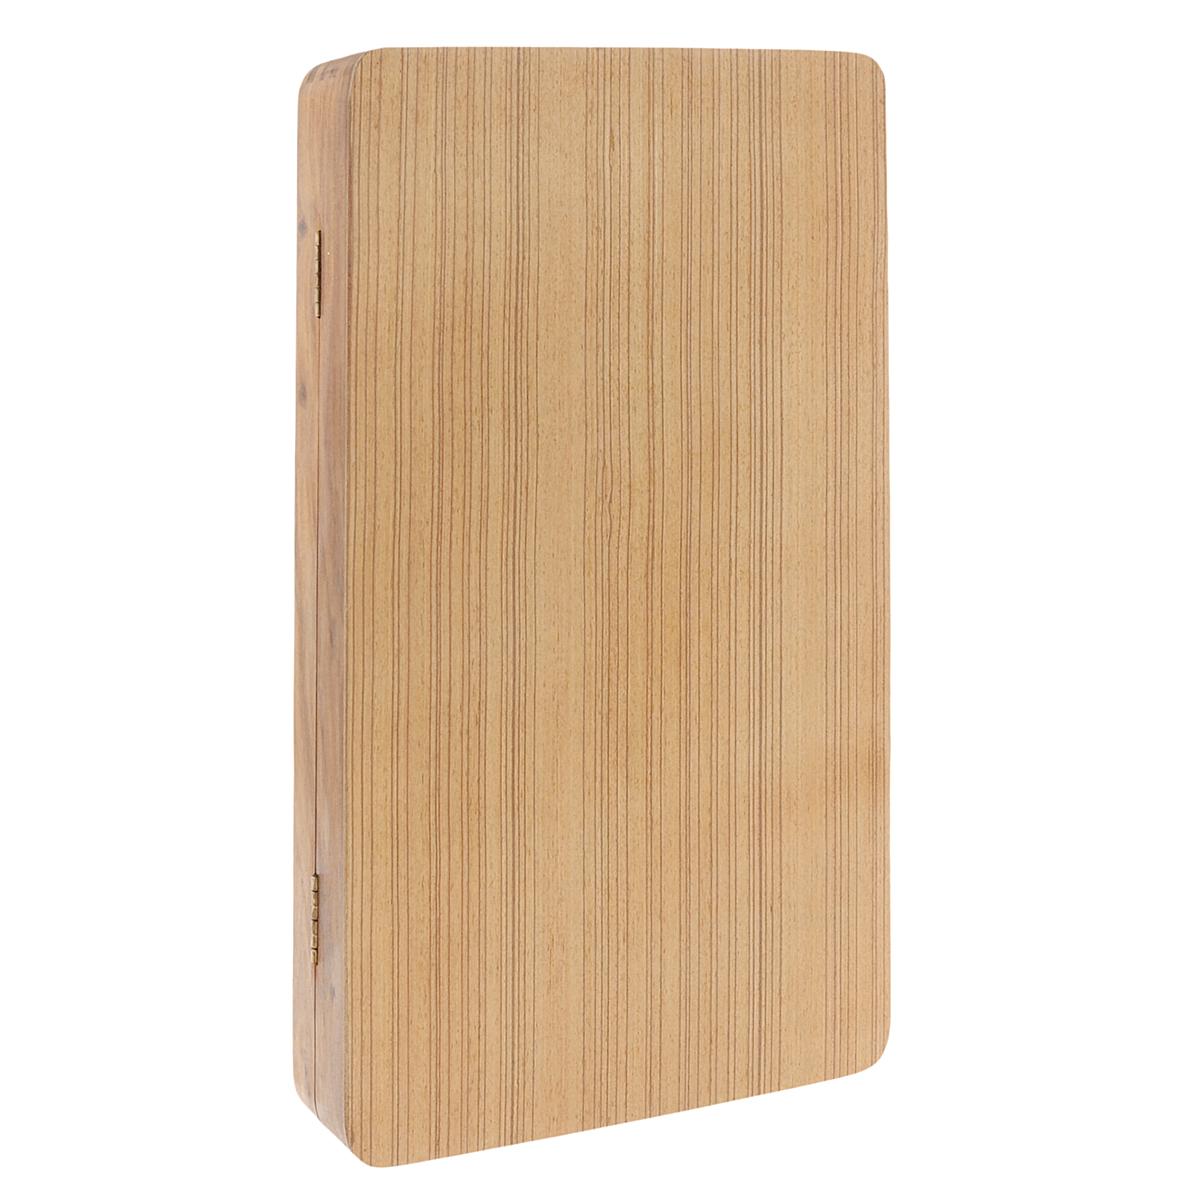 Игра настольная Русские Подарки Нарды, размер: 6*20*45 см. 3315833158Настольная игра Русские Подарки Нарды, выполненная из натурального дерева, очень увлекательна. В комплект игры входят: 32 фишки (16 белых и 16 черных), 5 кубиков и деревянное игровое поле, в сложенном виде выполняющее роль коробки для хранения фишек, закрывается на два металлических замочка. Нарды - древняя восточная игра. Родина этой игры неизвестна, однако известно, что люди играют в эту игру уже более 7000 лет. На игровой доске для нард все кратно шести и имеет связь со временем. 24 пункта представляют 24 часа, 30 шашек представляют 30 дней в месяце, 12 пунктов на каждой стороне доски символизируют 12 месяцев. Цель игры состоит в том, чтобы сначала привести шашки в свой дом (мешая в тоже время сделать это сопернику), а затем, когда это удалось сделать, снять их с доски быстрее соперника. Побеждает тот, кто первым снял свои шашки, но победы в нардах имеют разную цену. Нарды могут стать отличным подарком каждому, независимо от ситуации и возраста....